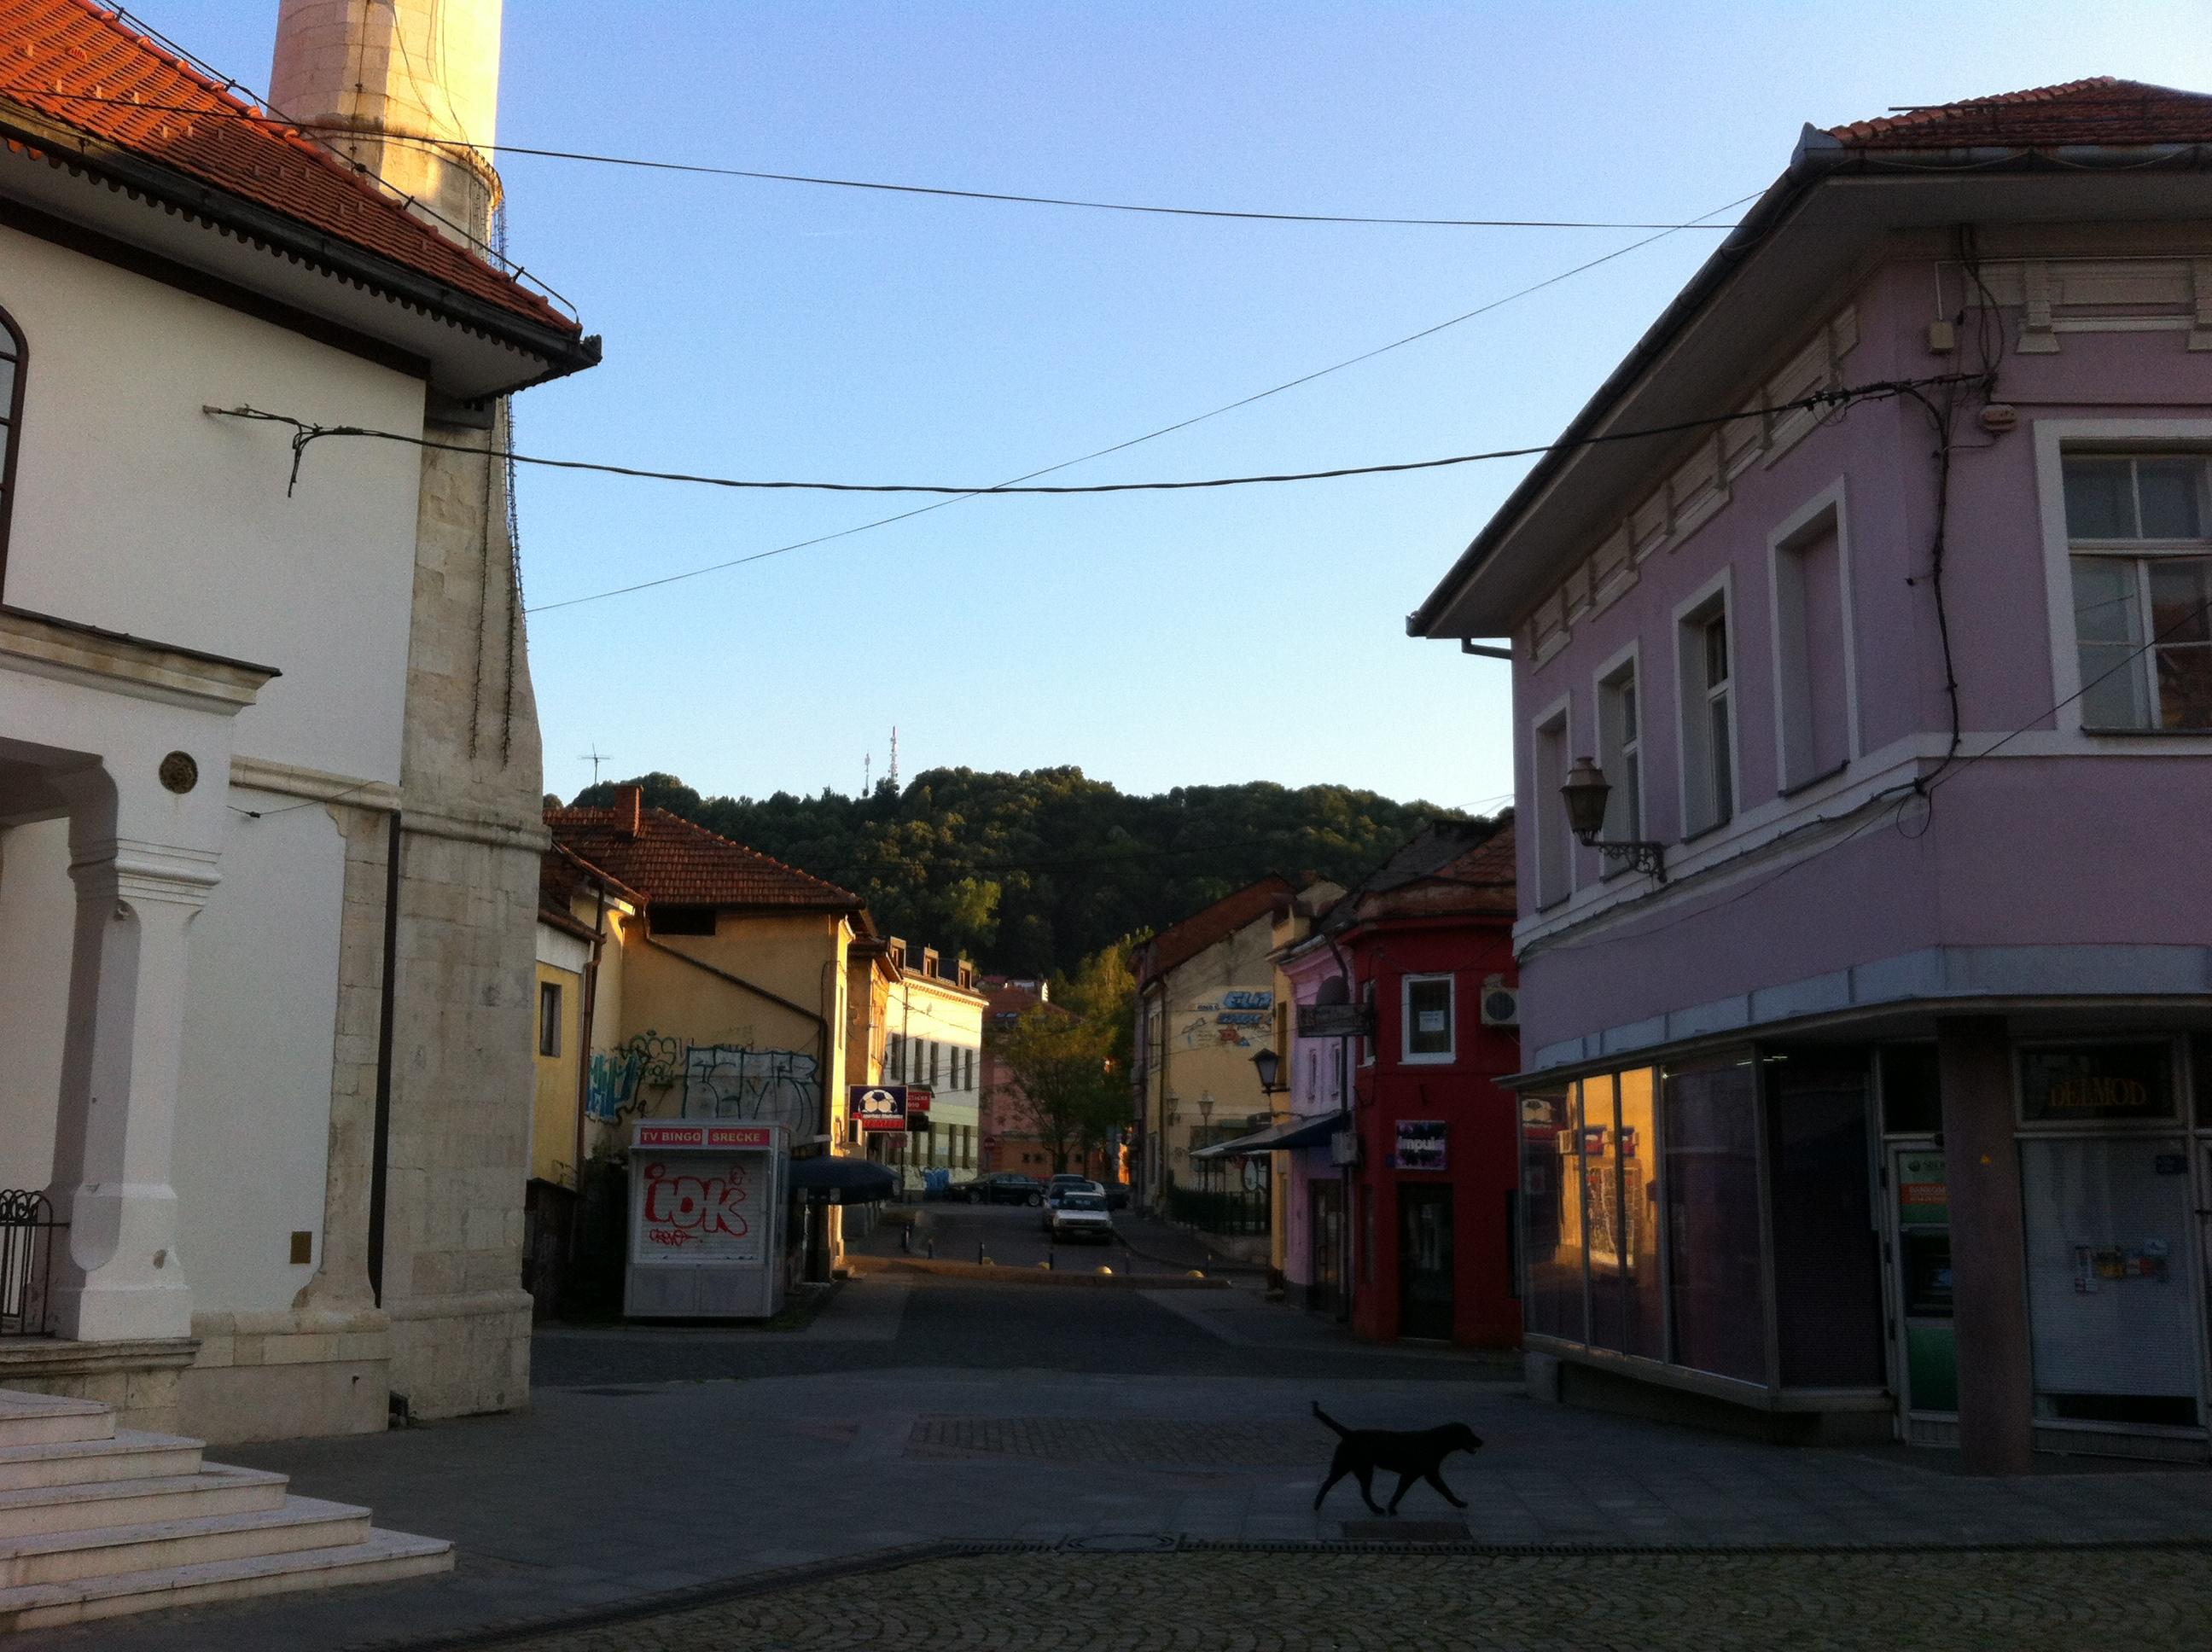 1993 brachte ein UN-Konvoi Selma mit ihren Kindern von Srebrenica nach Tuzla, von hier aus flohen sie 1995 weiter in die Schweiz. In der drittgrössten Stadt Bosniens leben die verschiedenen Ethnien Bosniens seit jeher friedlich zusammen – auch während des Krieges.